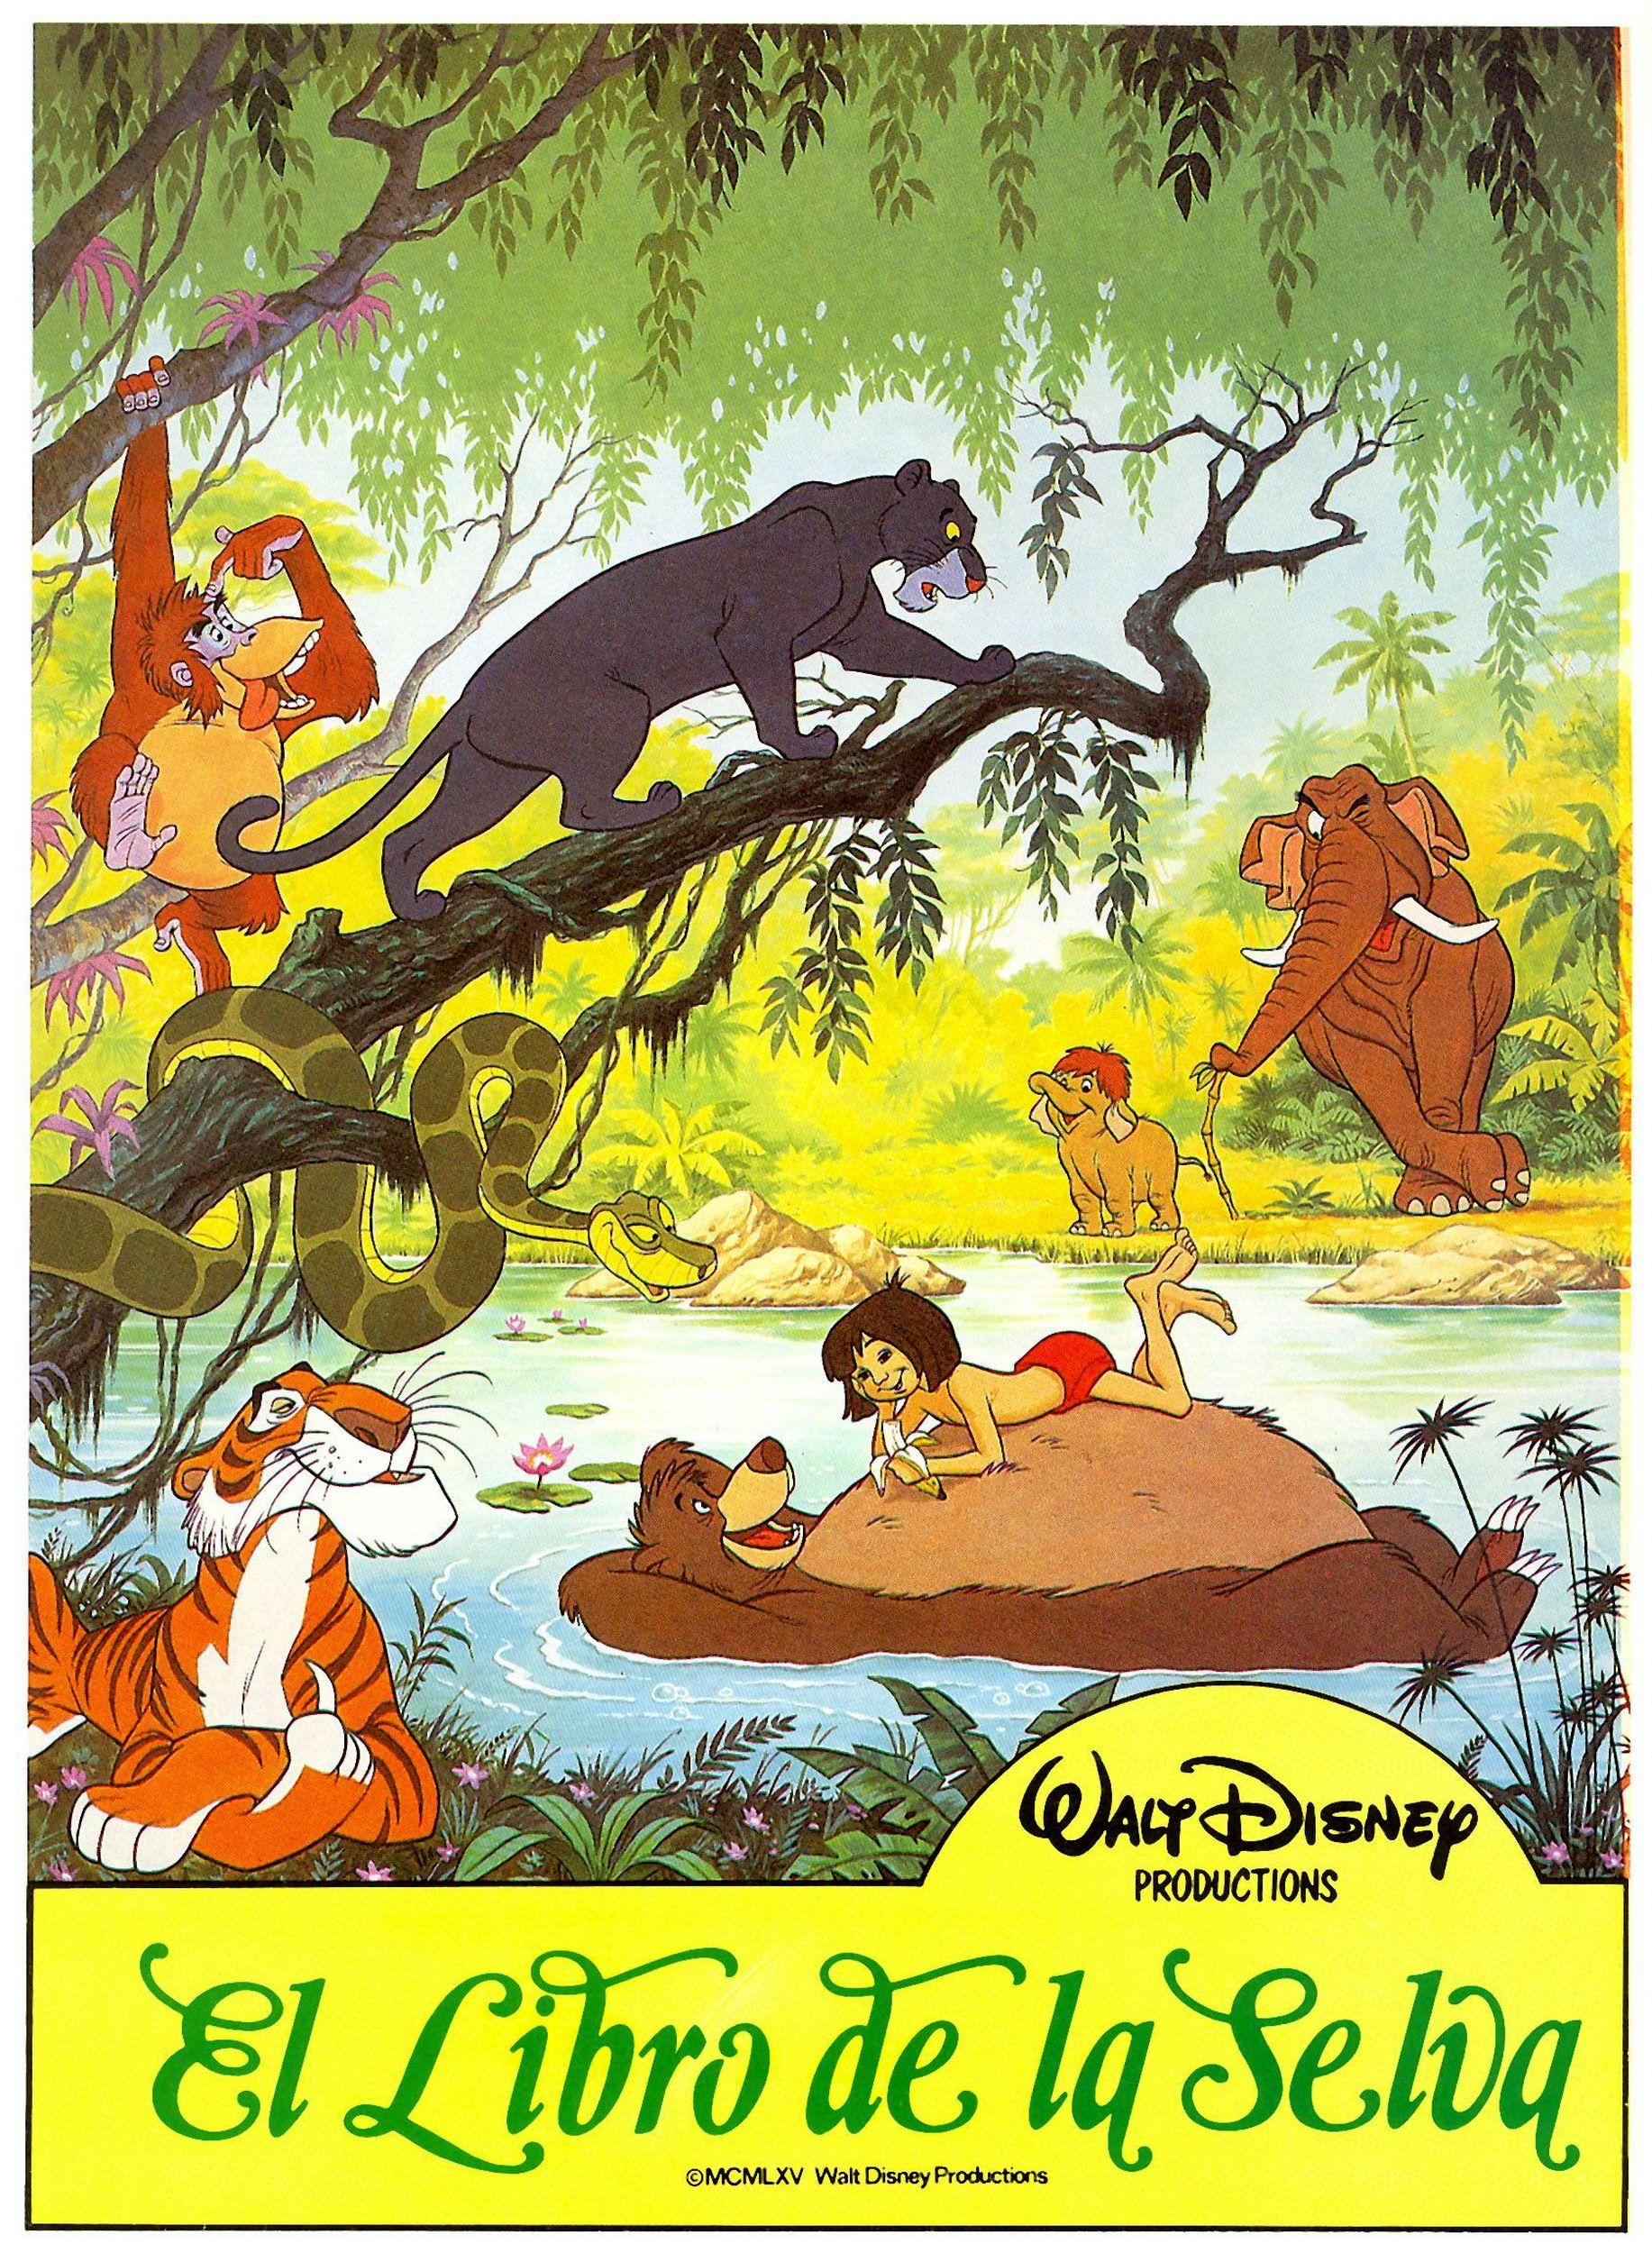 El Libro De La Selva The Jungle Book 1967 Novel Rudyard Kipling Walt Disney Disney Movie Posters Jungle Book Jungle Book Disney